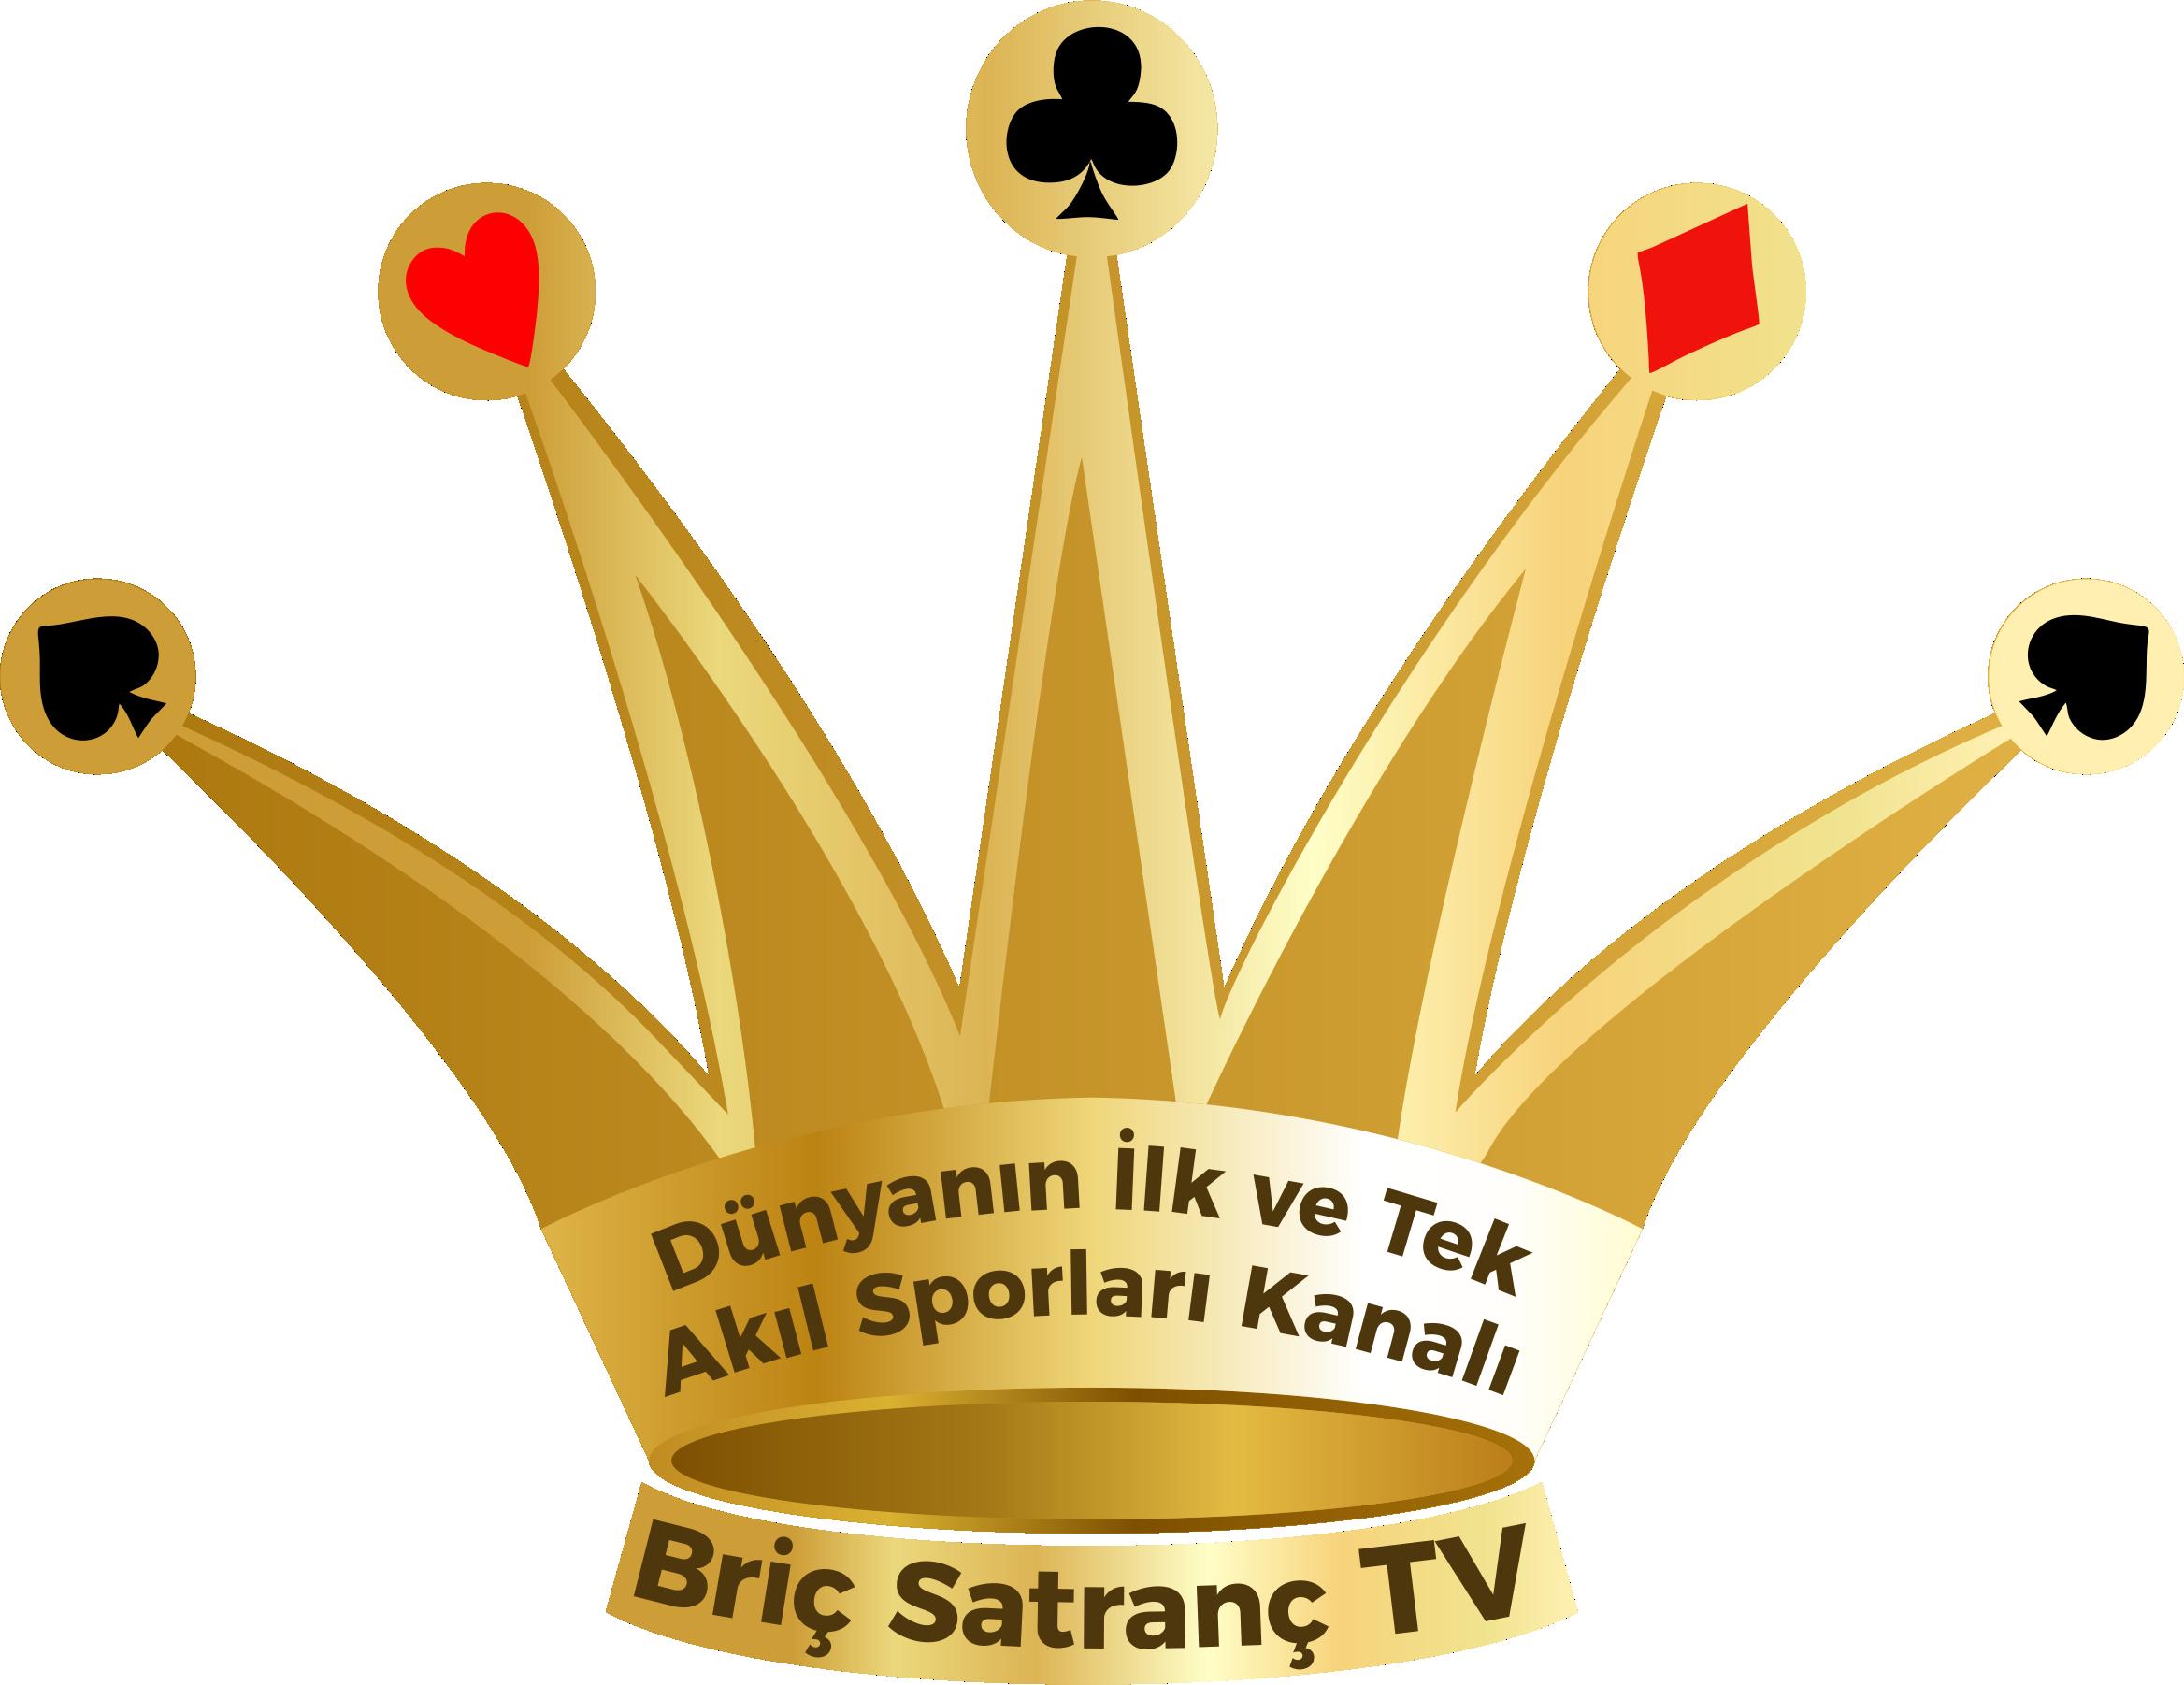 İlkeli Tarafsız Prestijli Akıl Sporları Kanalı